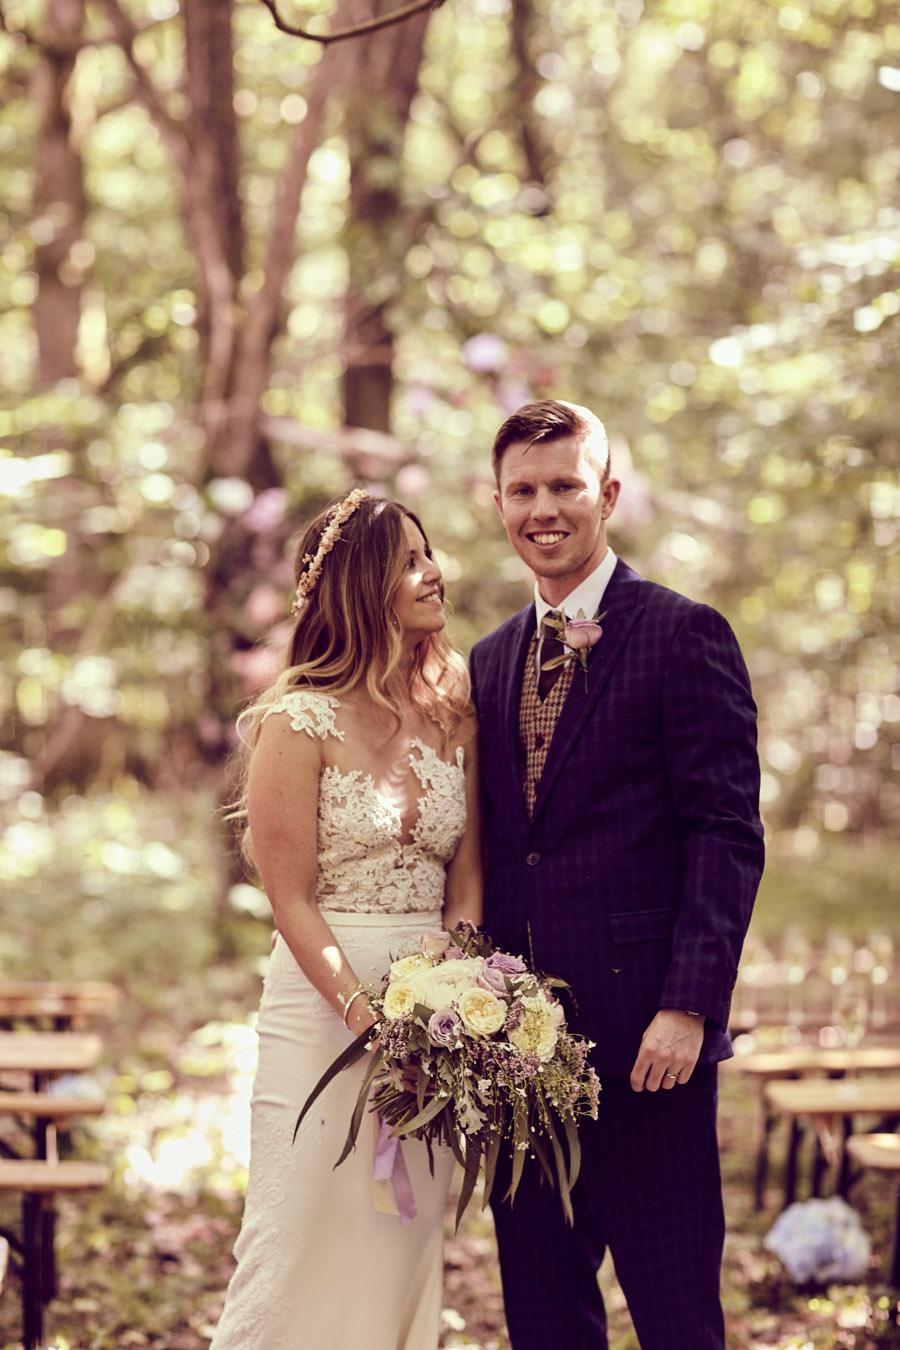 LauraKevs_Wedding_Bride-and-Groom_1444.jpg